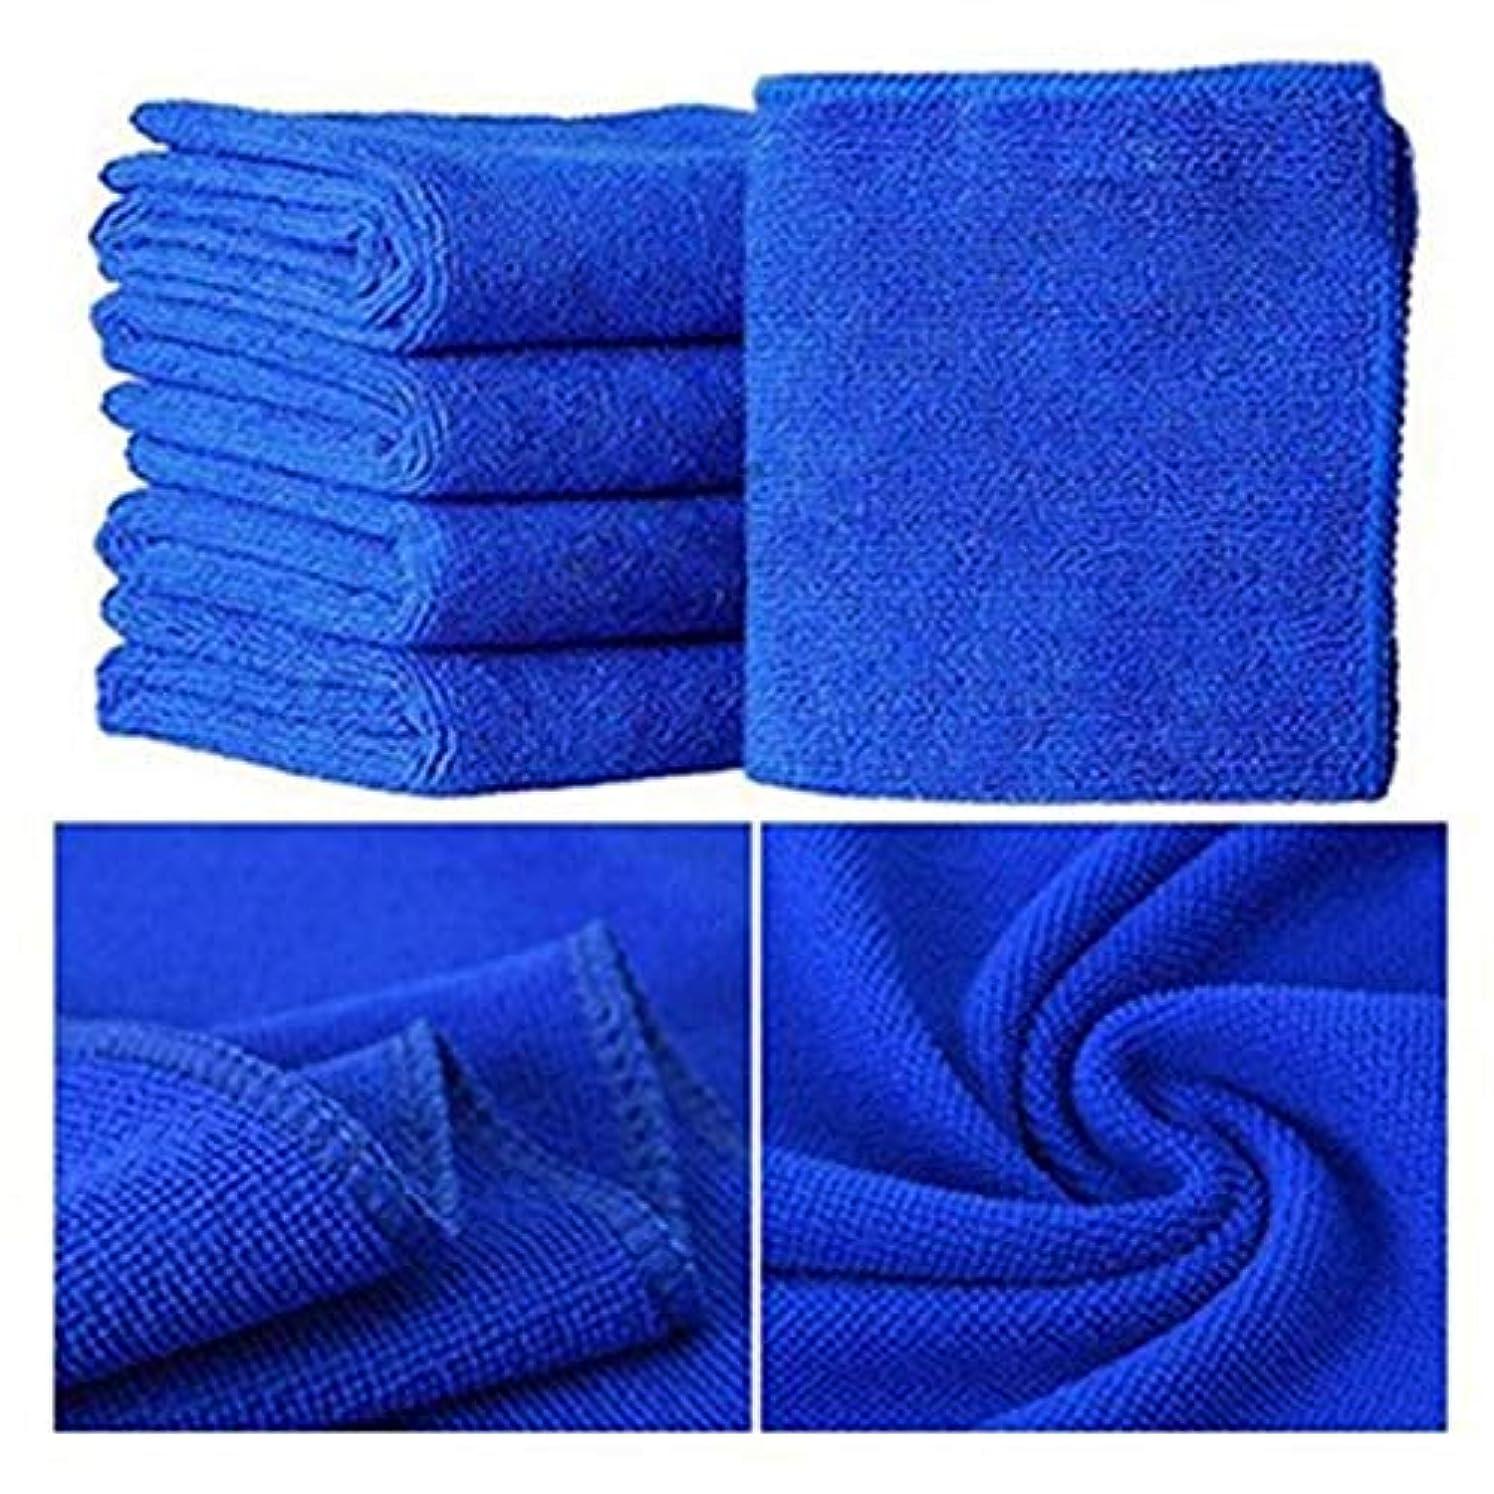 問い合わせるリップディーラーMaxcrestas - 25*25cm 5 Pcs/ 10 Pcs Small Towel Soft Microfiber Towel great absorbent Towel for bathroom kitchen...